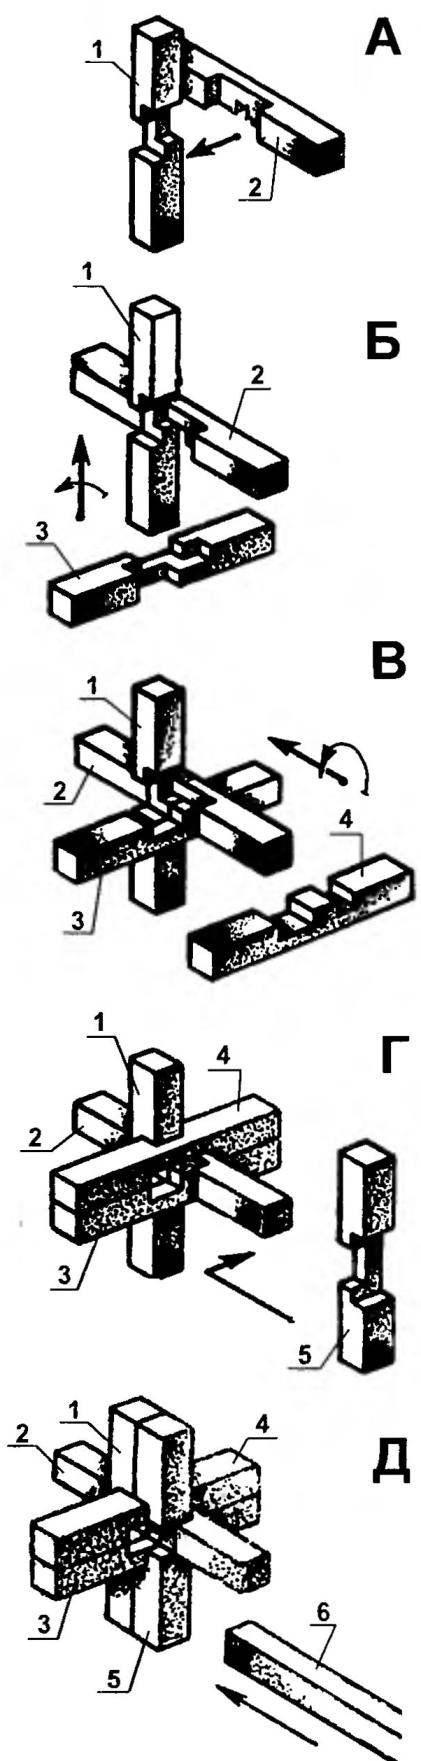 Последовательность сборки головоломки